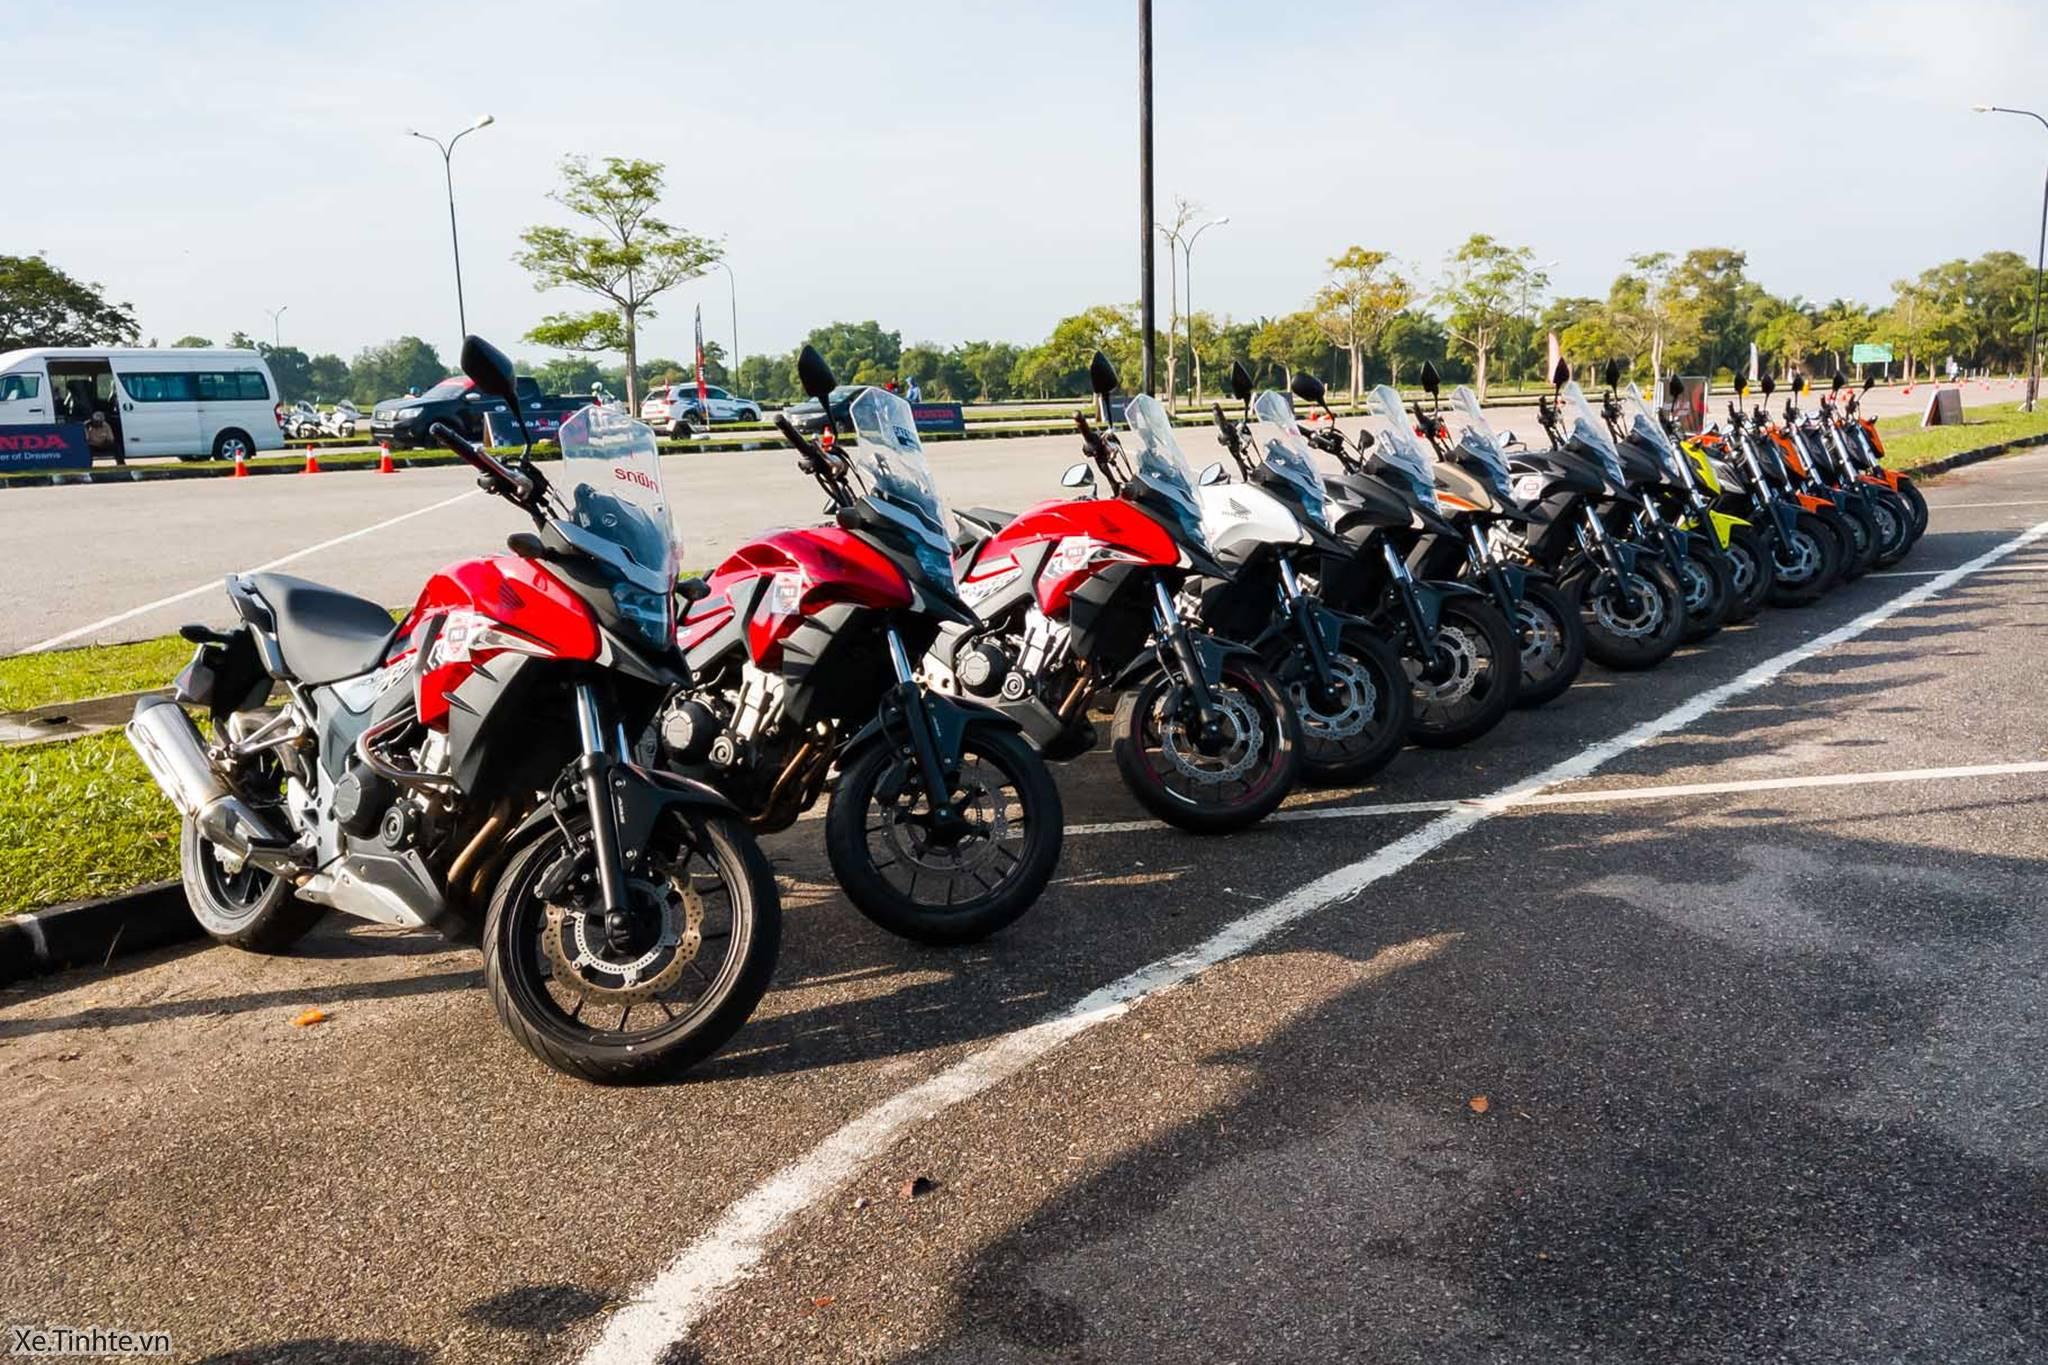 Honda_Asian_Journey_2018_Xe_Tinhte_IMAG0205.jpg